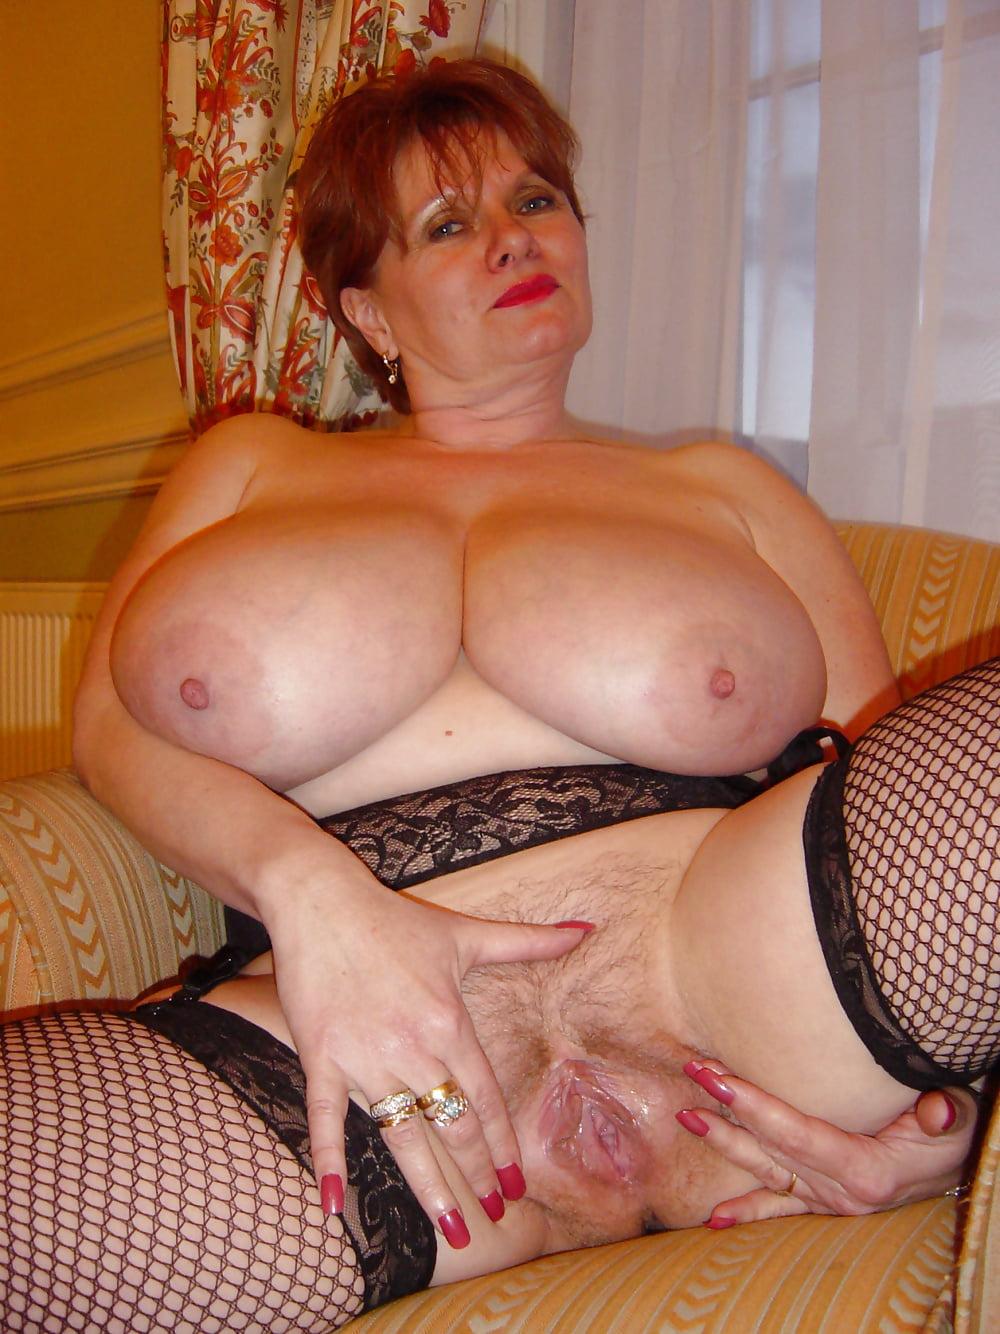 Old Mature Amateur Vagina Big Tits Pics